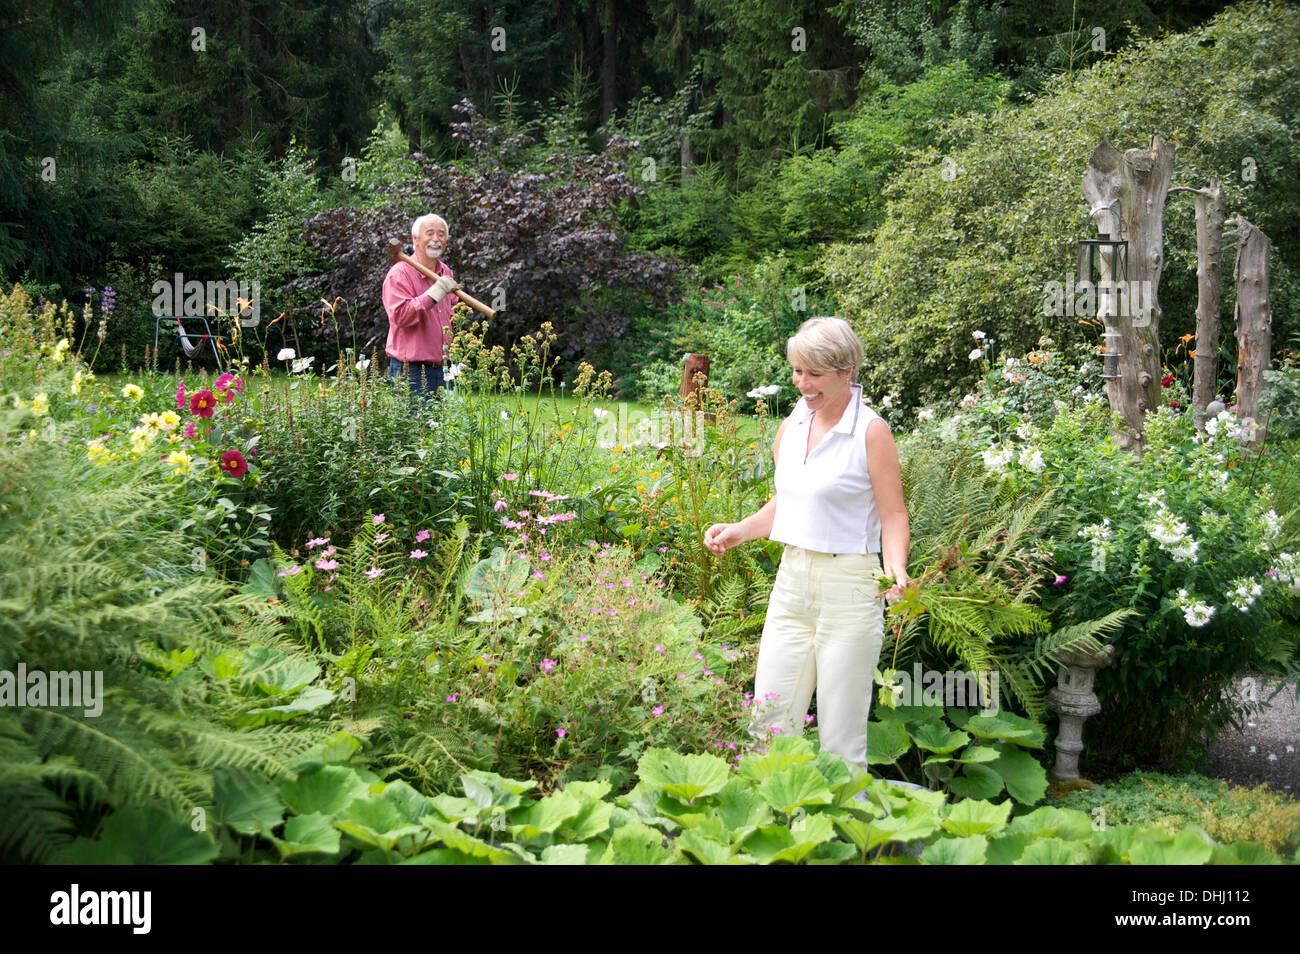 Retrato de pareja senior trabajando en el jardín Imagen De Stock